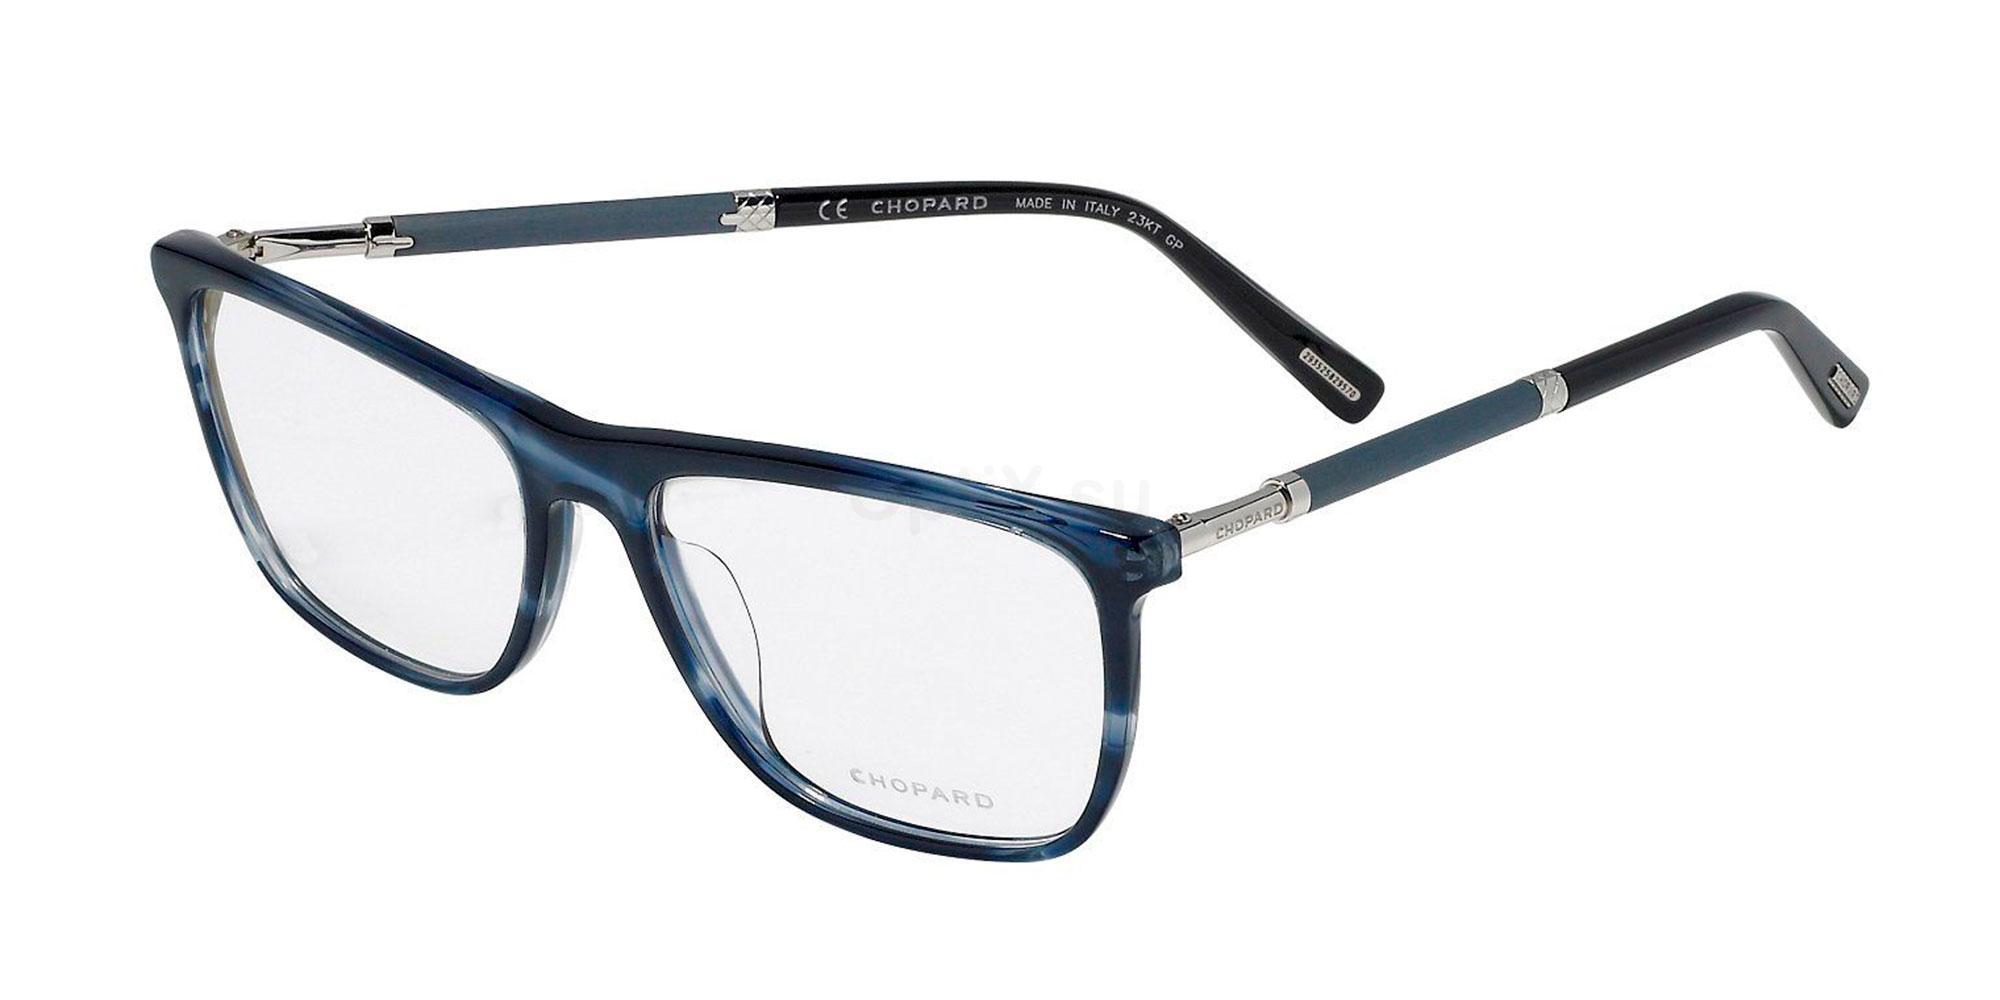 09N4 VCH257V Glasses, Chopard